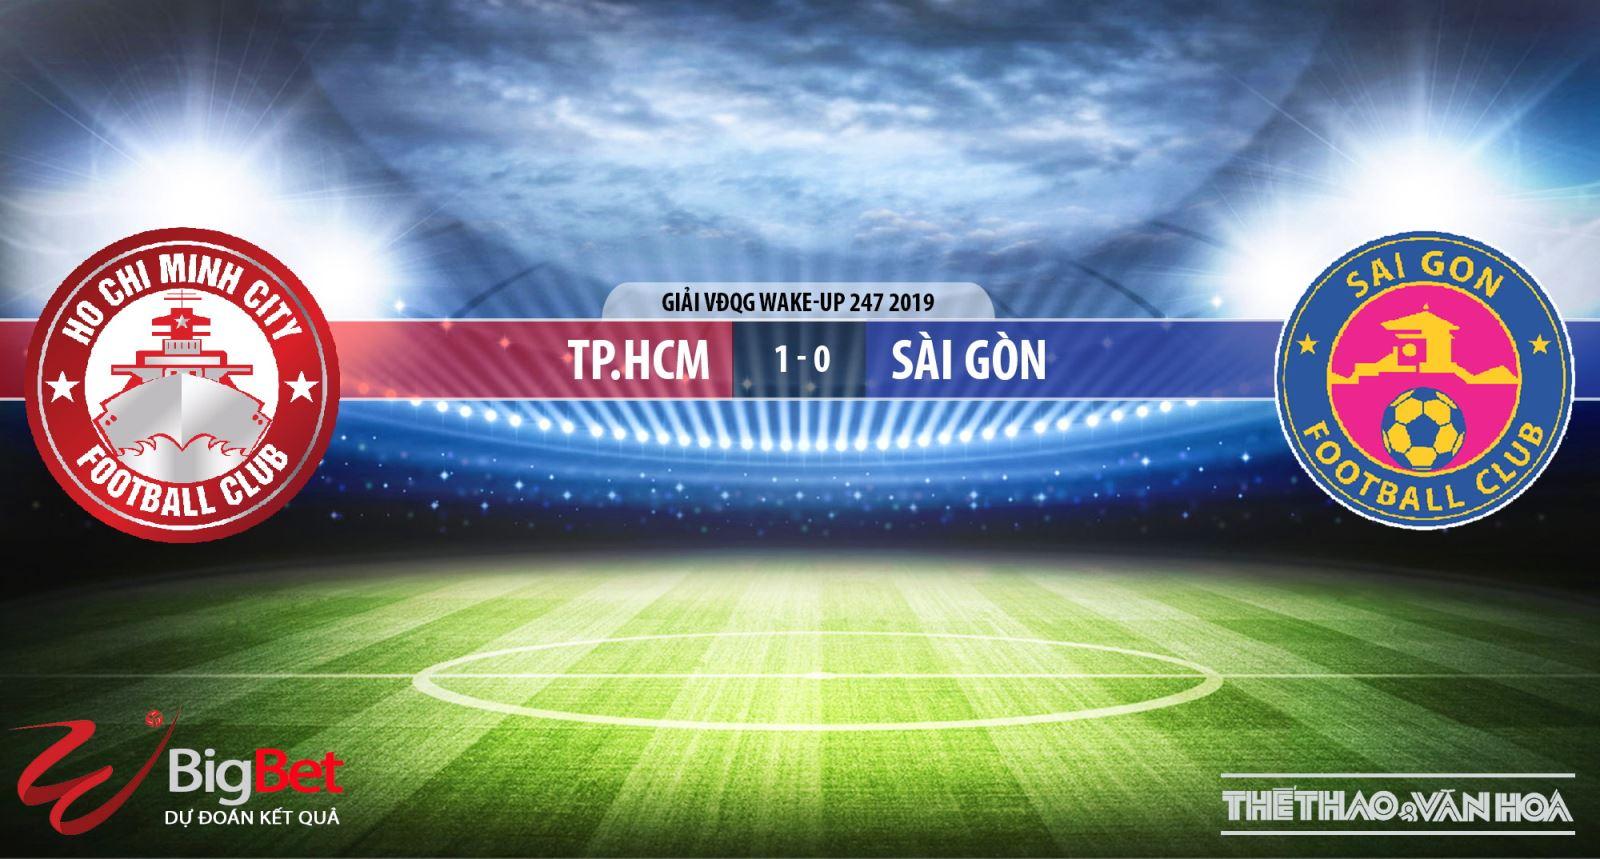 bong da, truc tiep bong da hôm nay, TPHCM đấu với Sài Gòn, trực tiếp bóng đá, TPHCM vs Đà Nẵng, xem bong da truc tuyen, VTV6, bóng đá TV, BDTV, Bóng đá TV